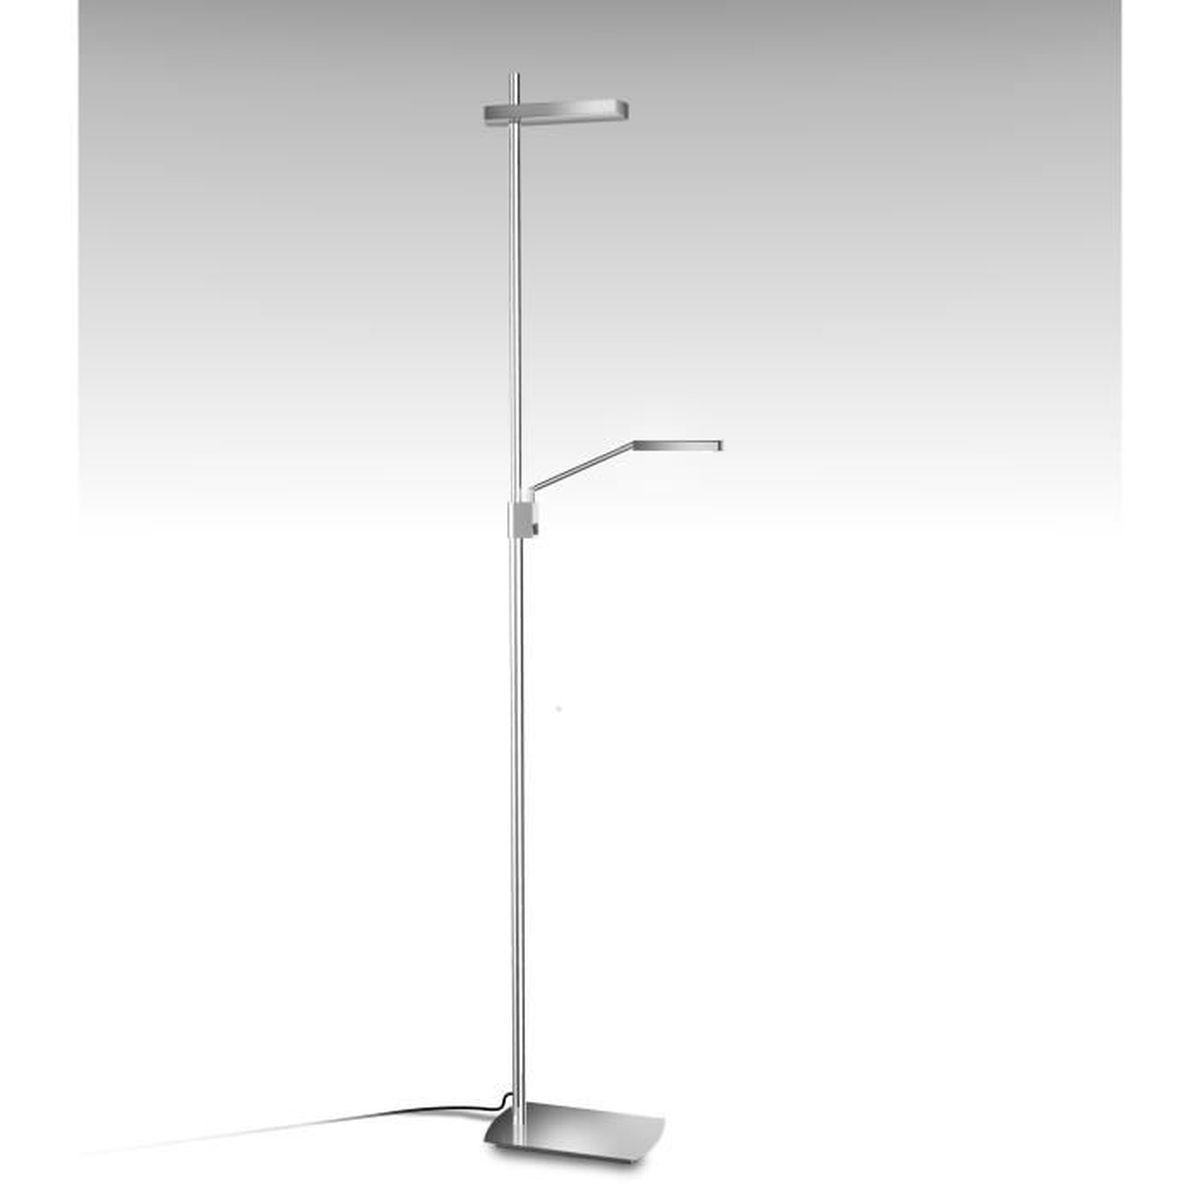 lampadaire design phuket avec liseuse clairage led orientable chrom achat vente lampadaire. Black Bedroom Furniture Sets. Home Design Ideas